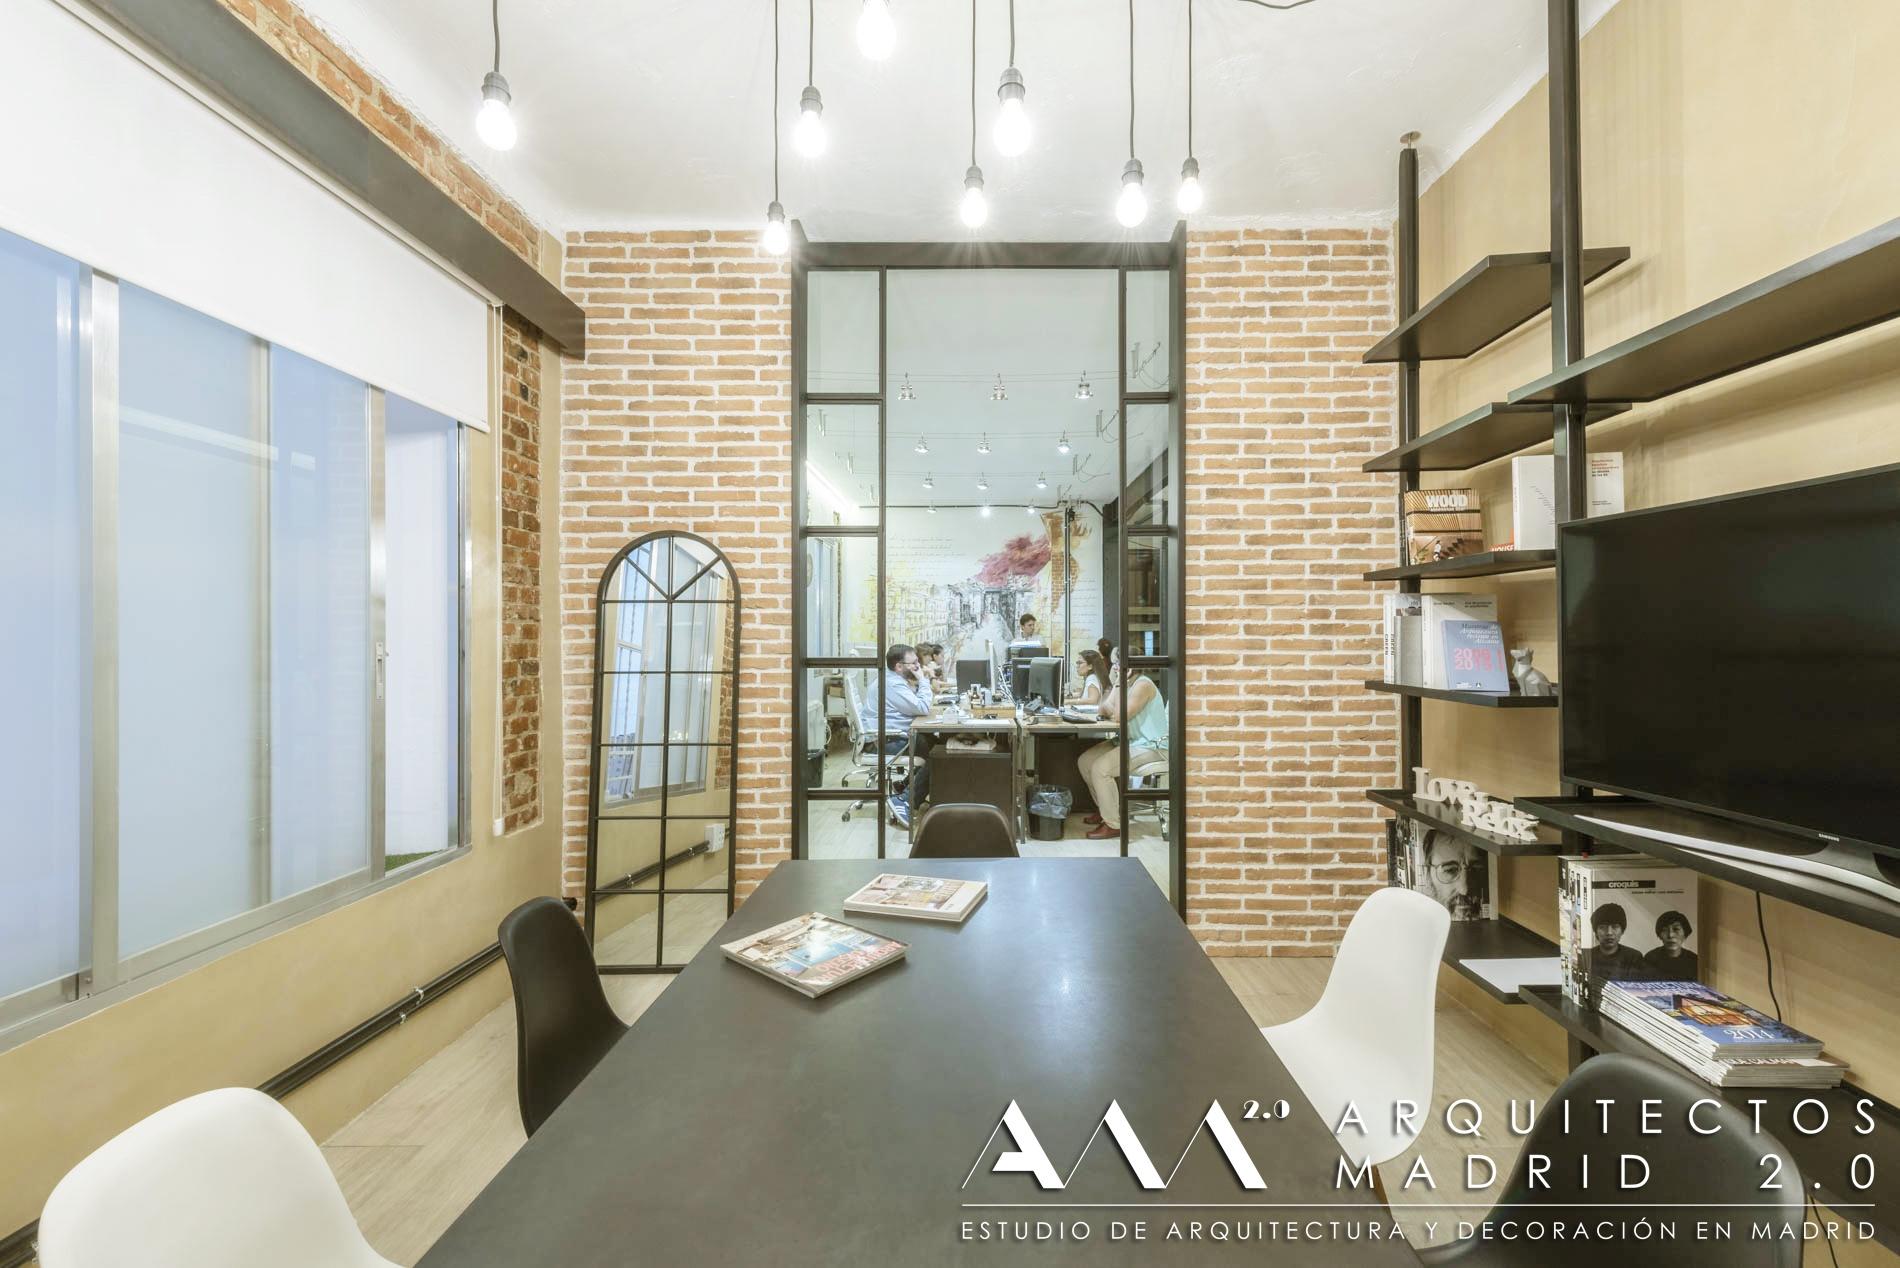 oficina-estudio-arquitectura-madrid-arquitectos-madrid-en-el-retiro-04